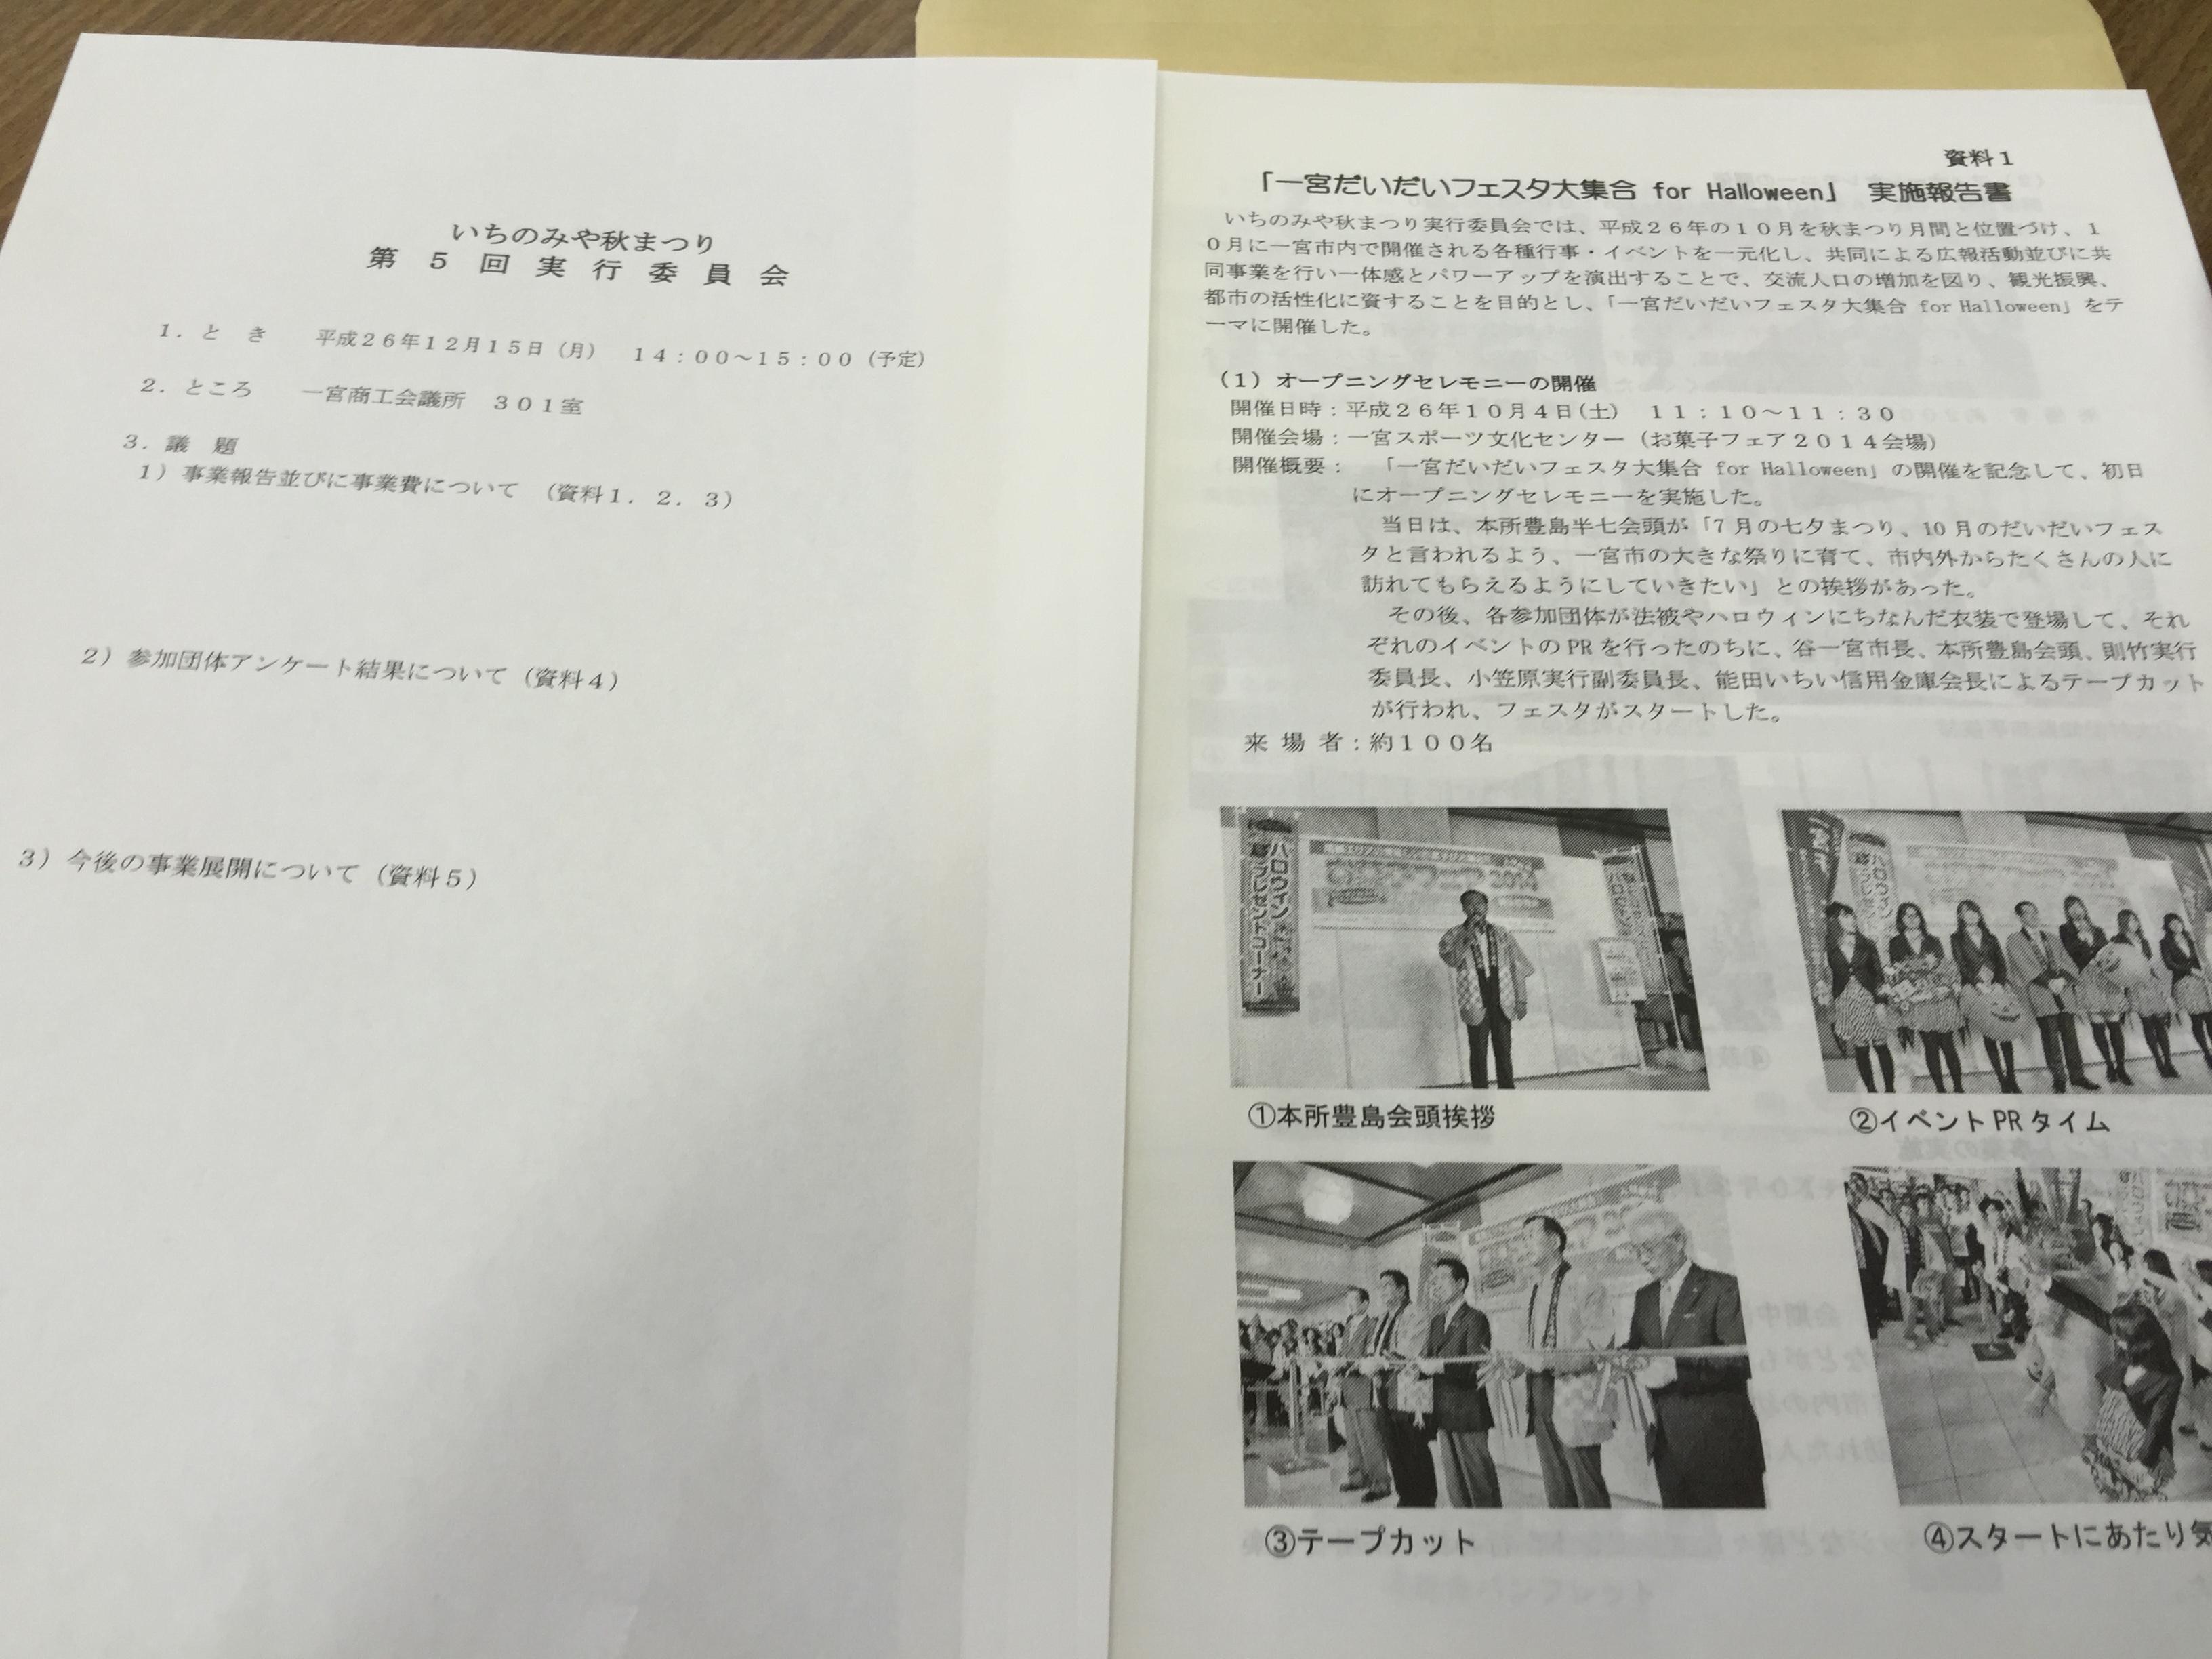 20141215_いちのみや秋祭り実行委員会 (2)